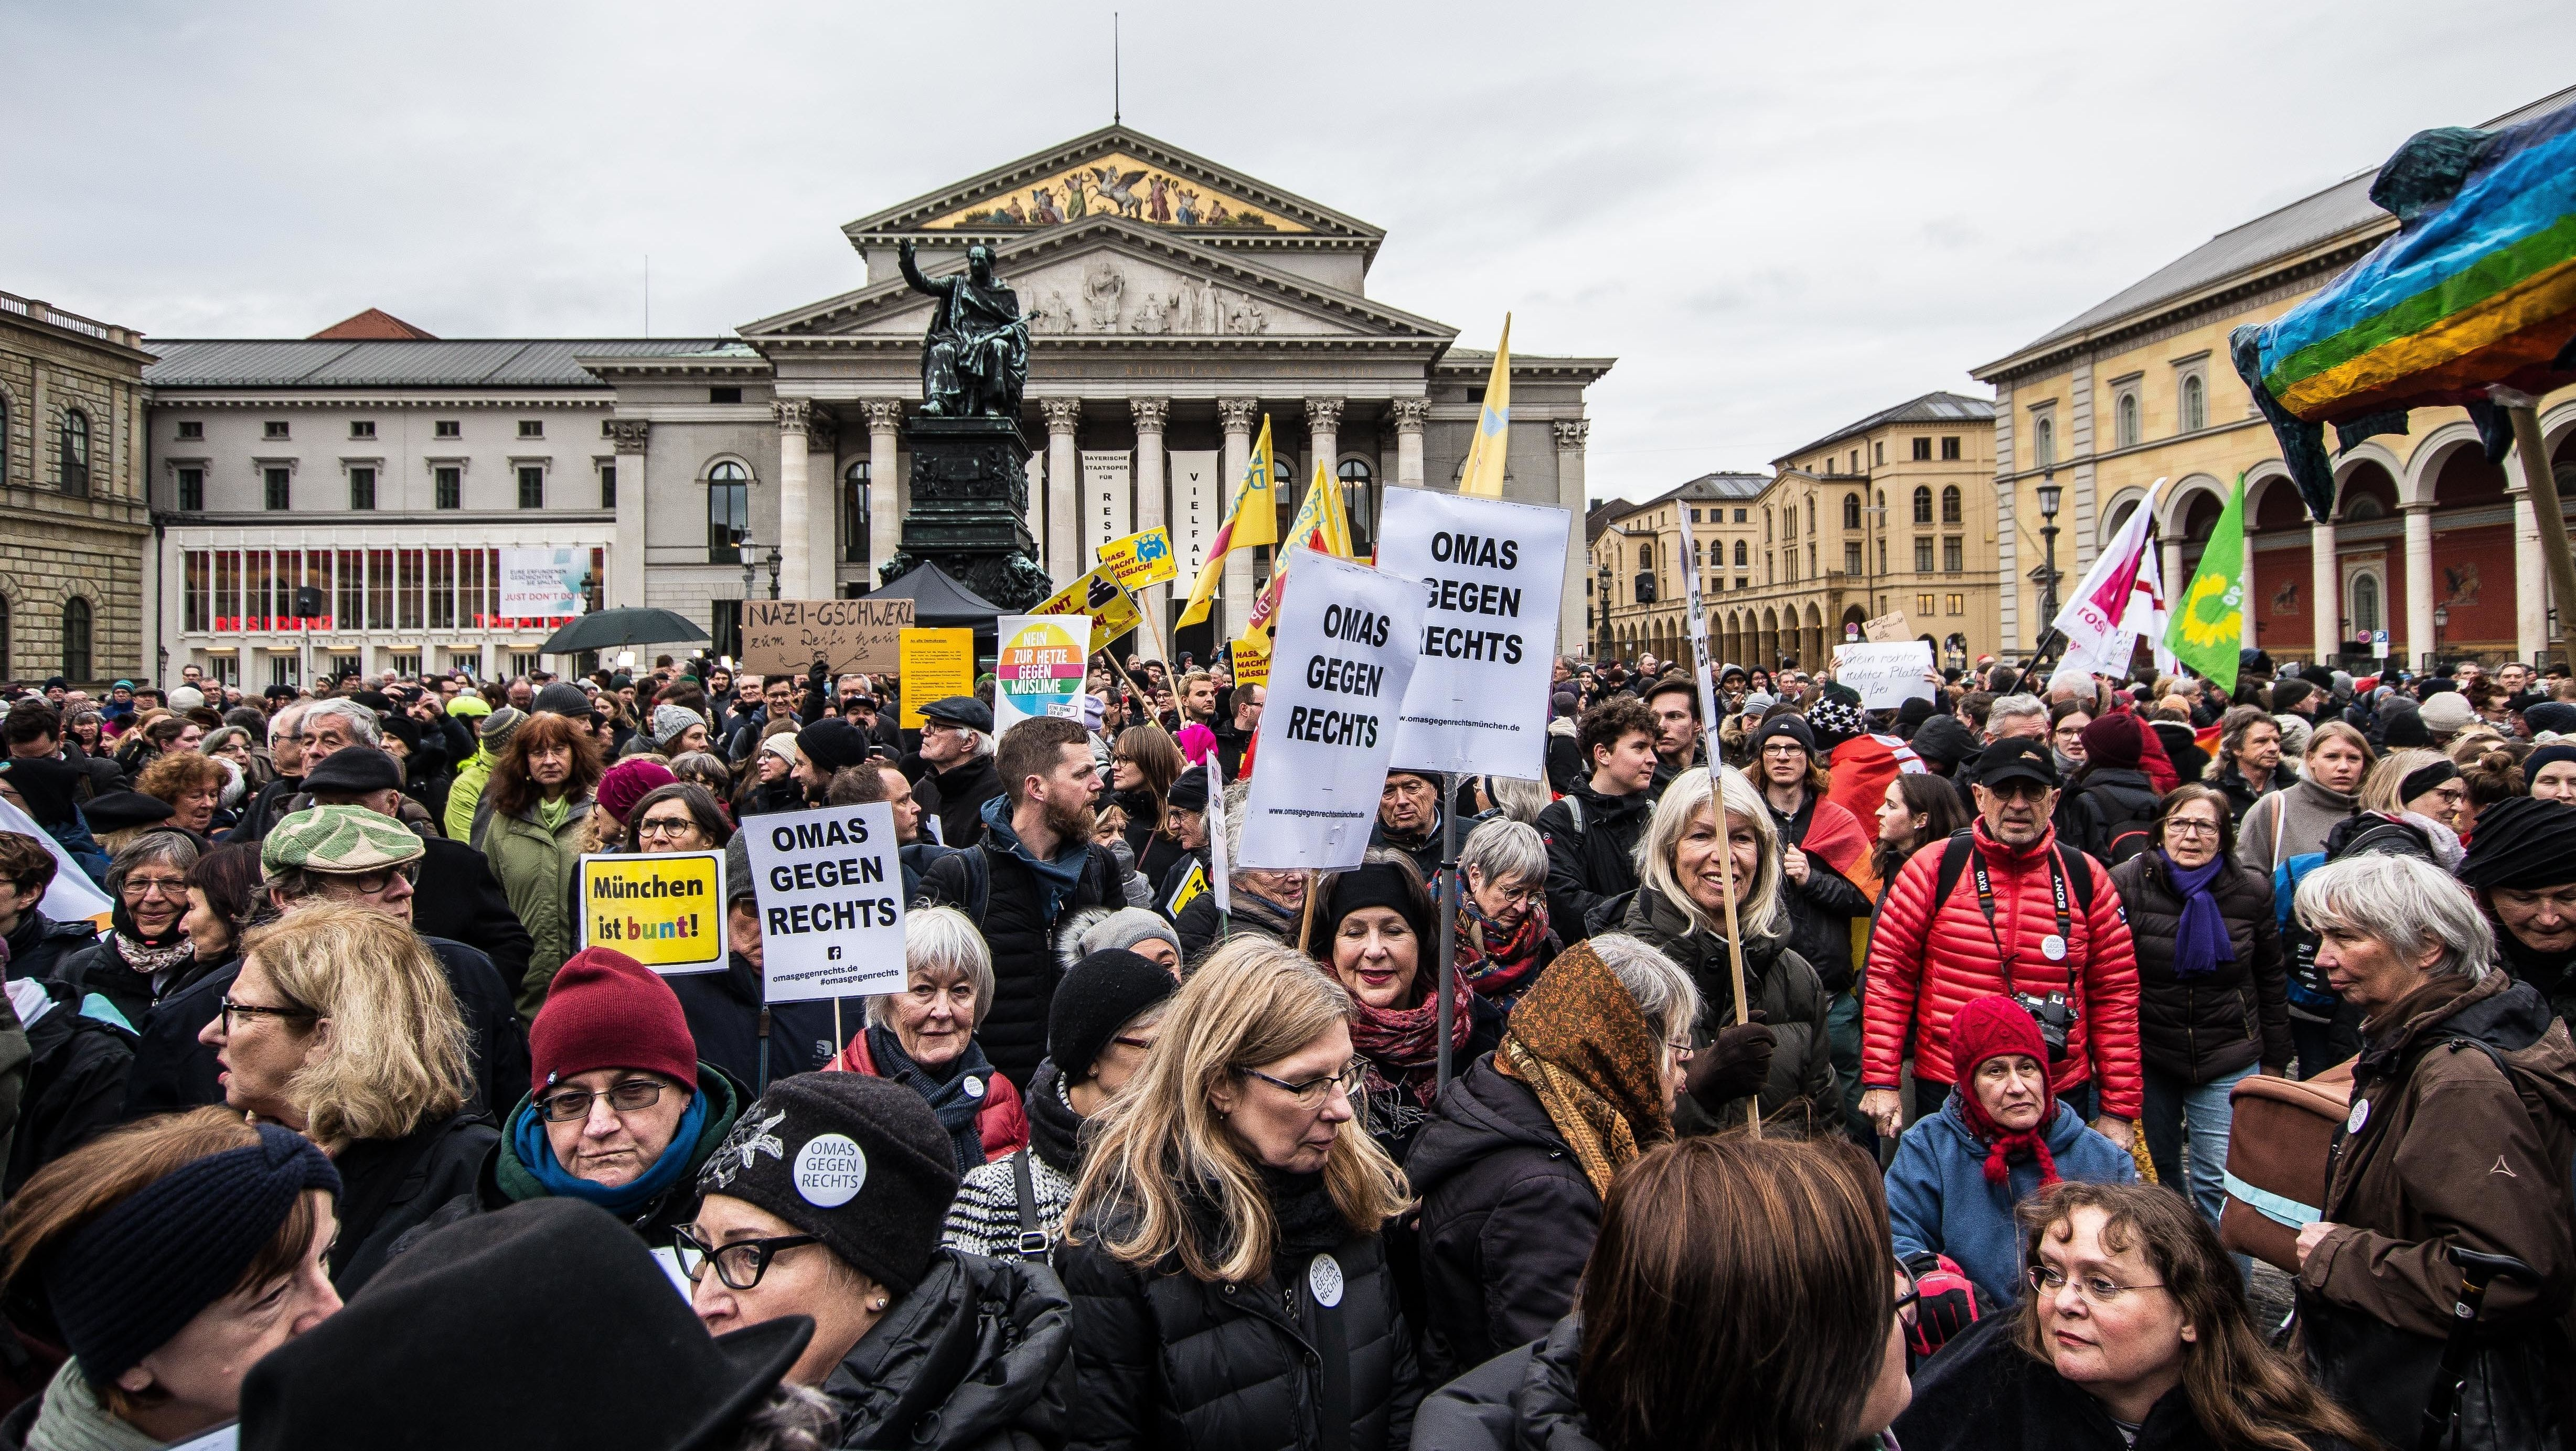 München-Demo: 5.500 Menschen protestieren gegen Rechts